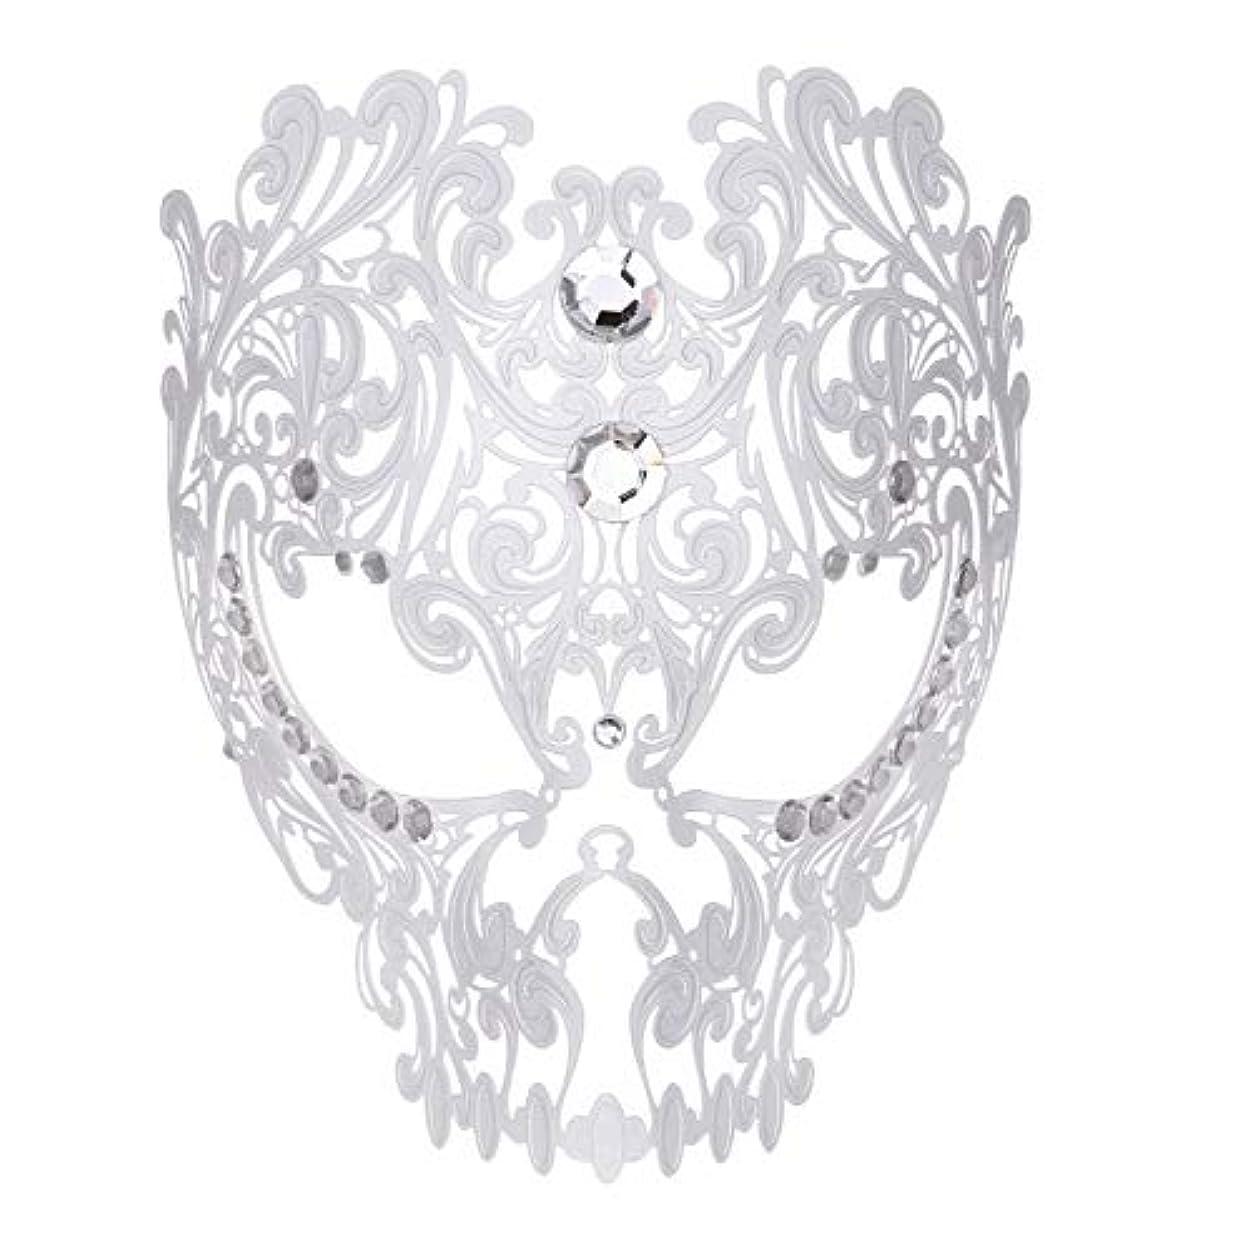 マンハッタンピンク過敏なダンスマスク フルフェイスエナメル金属象眼細工中空マスクナイトクラブパーティーロールプレイングマスカレードマスク ホリデーパーティー用品 (色 : 白, サイズ : Universal)